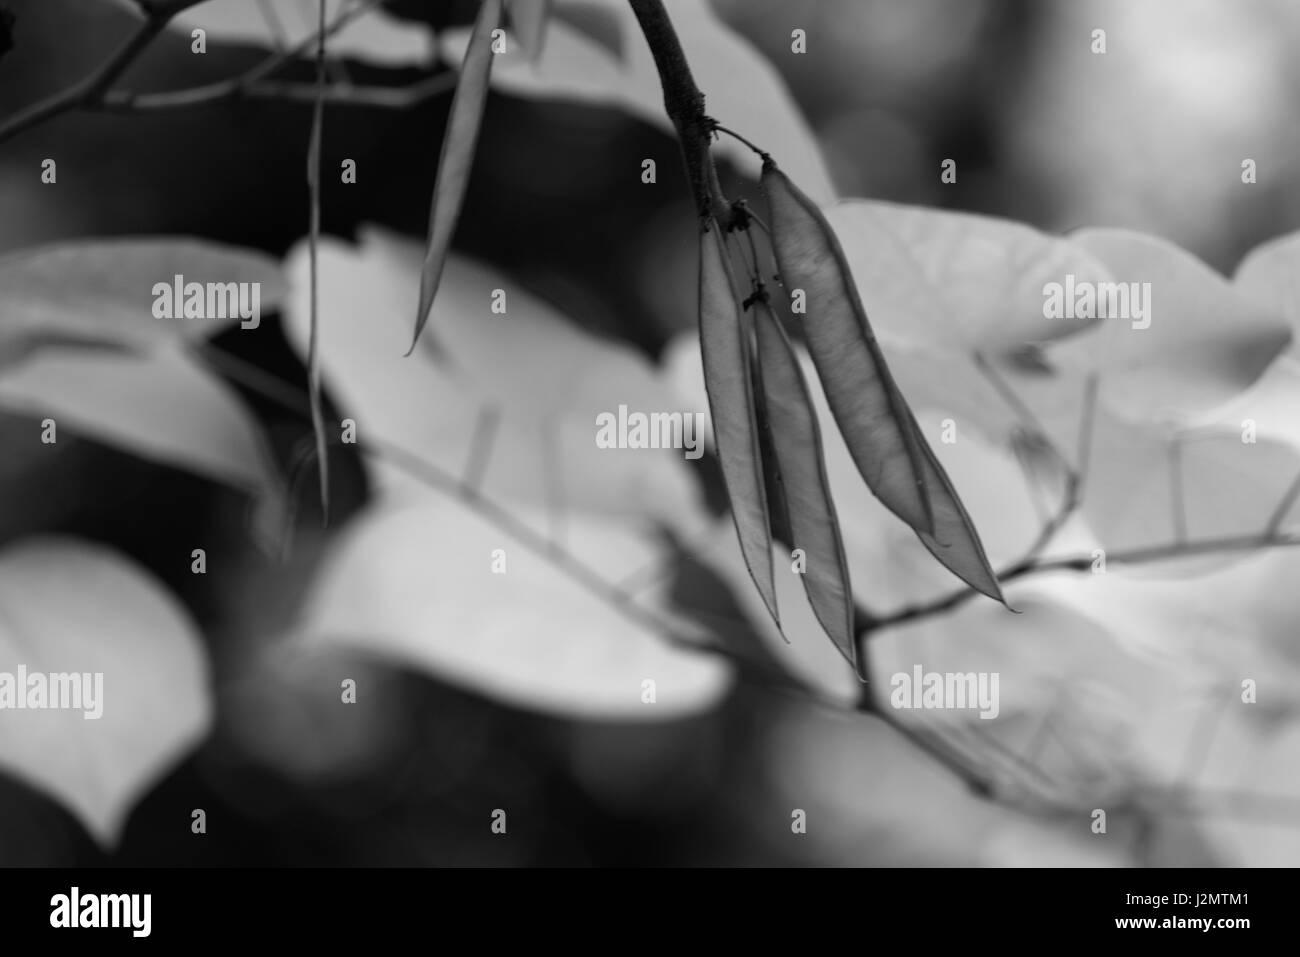 Black and White photos wildlife, plants, trees Stock Photo